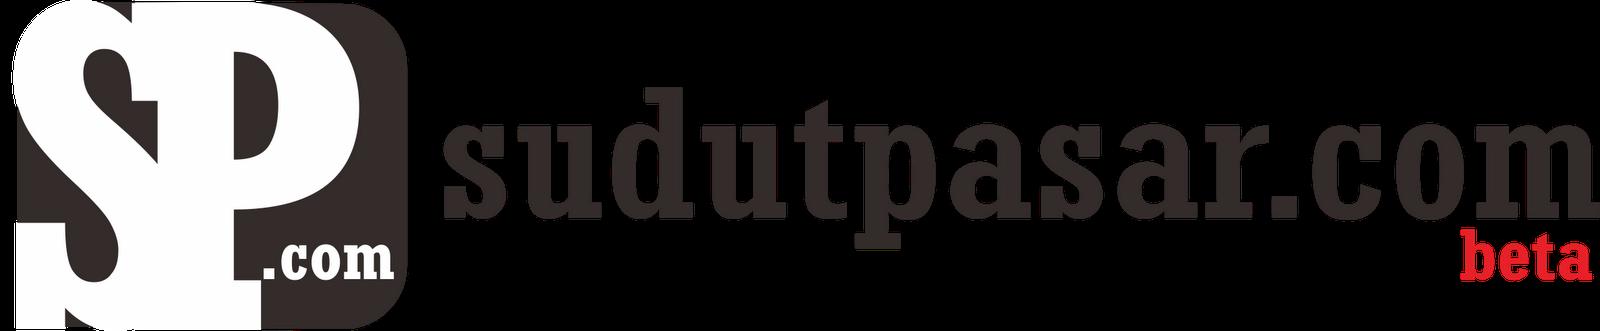 SudutPasar.com - bantu memasarkan produk anda